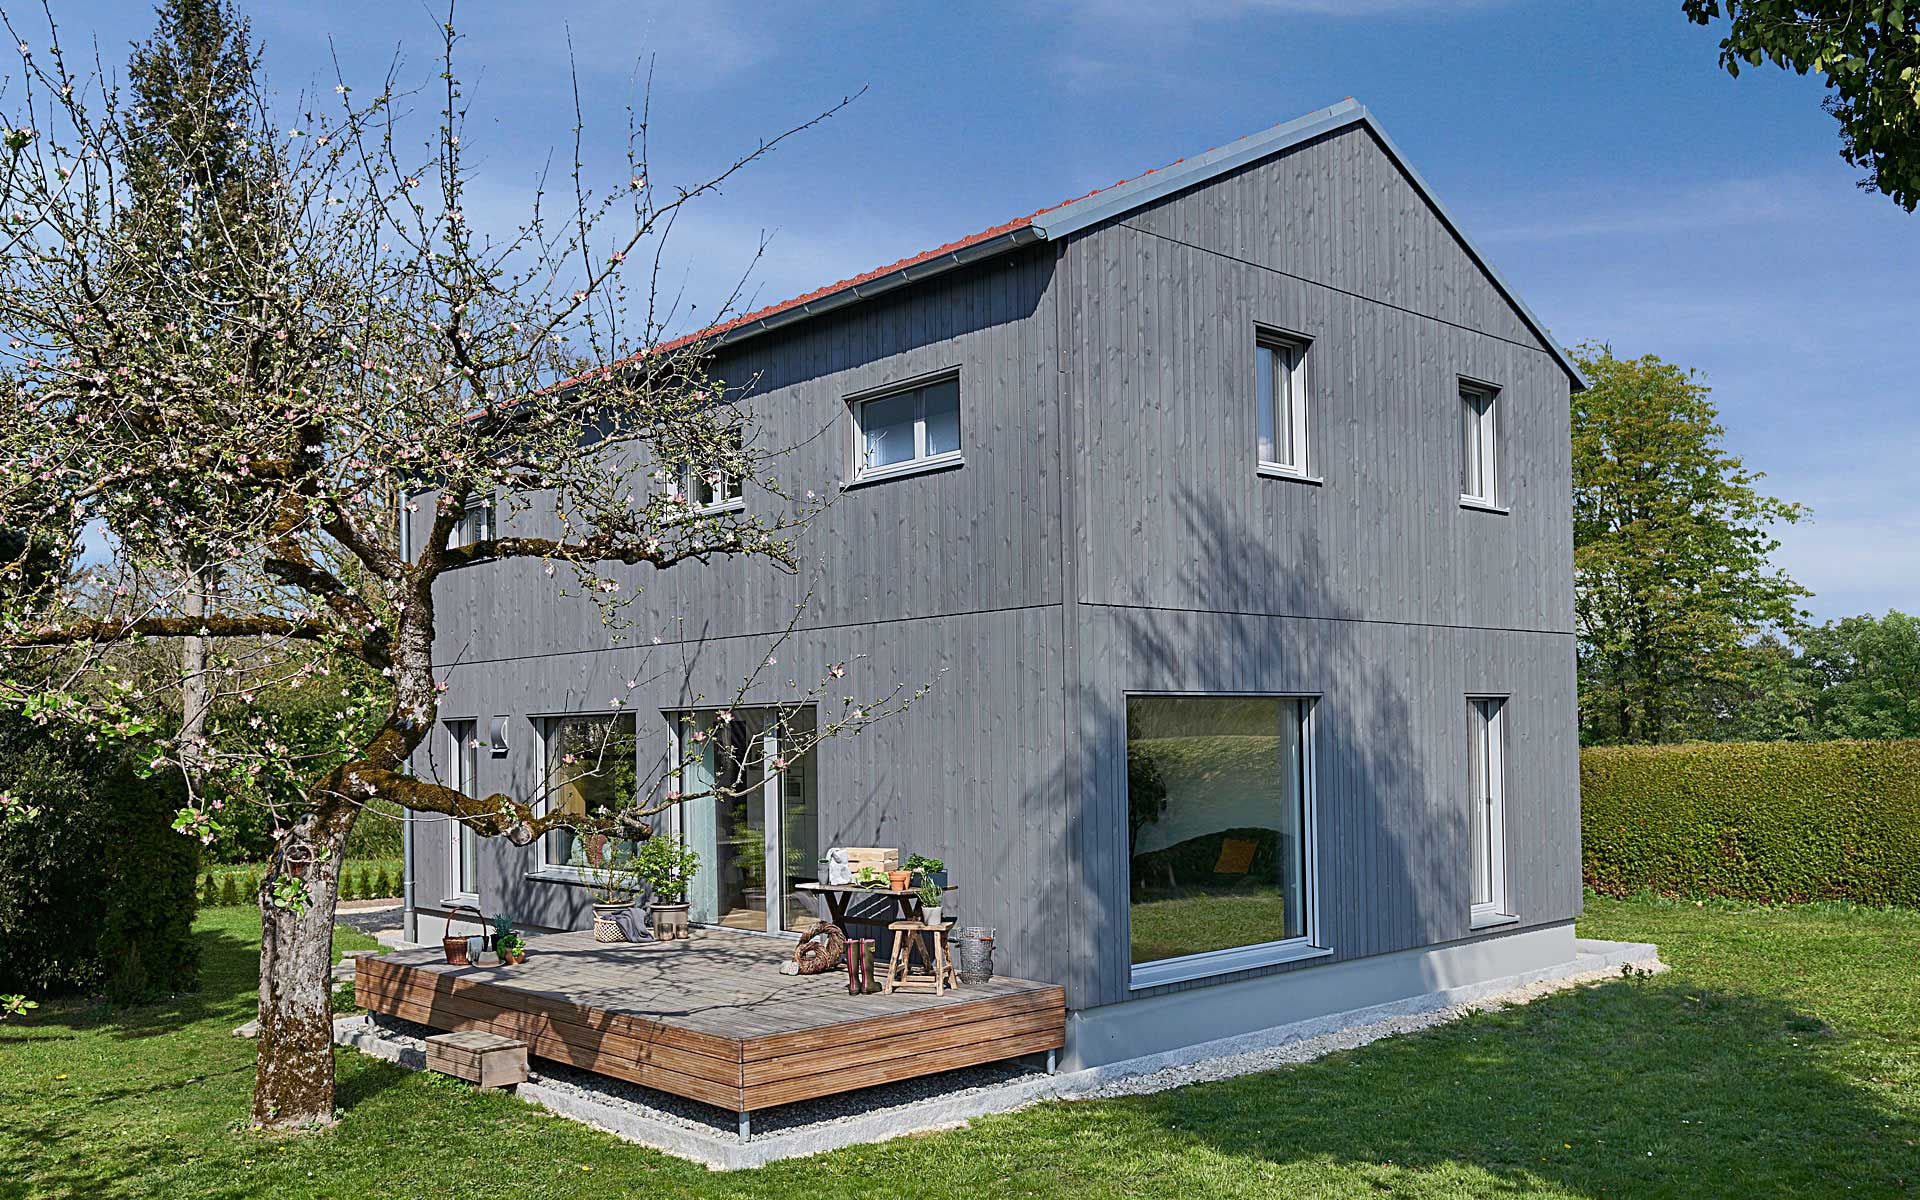 Remiger von Bau-Fritz GmbH & Co. KG, seit 1896